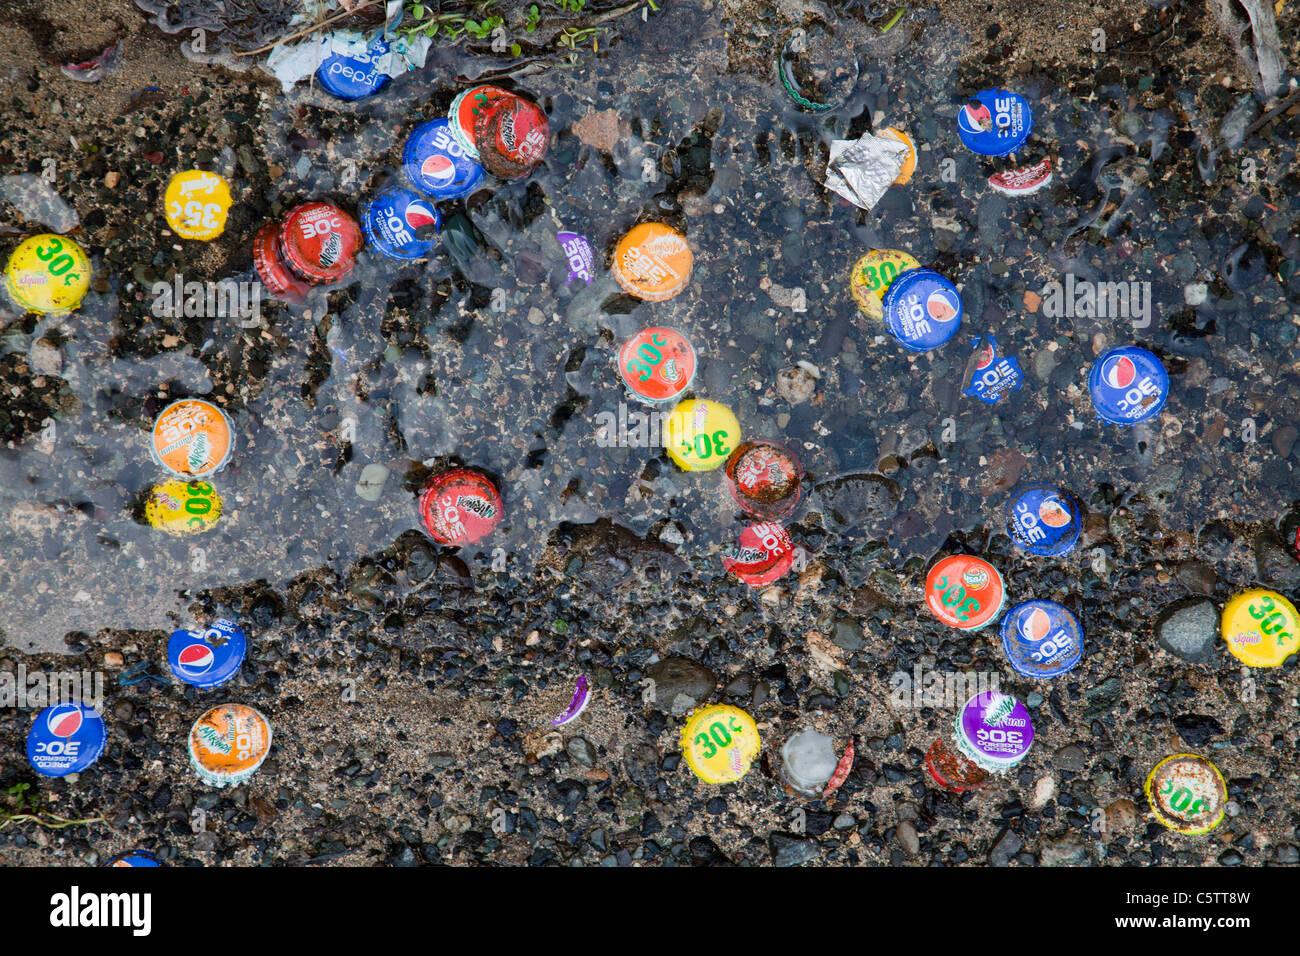 Littering litter bottle caps at beach . - Stock Image